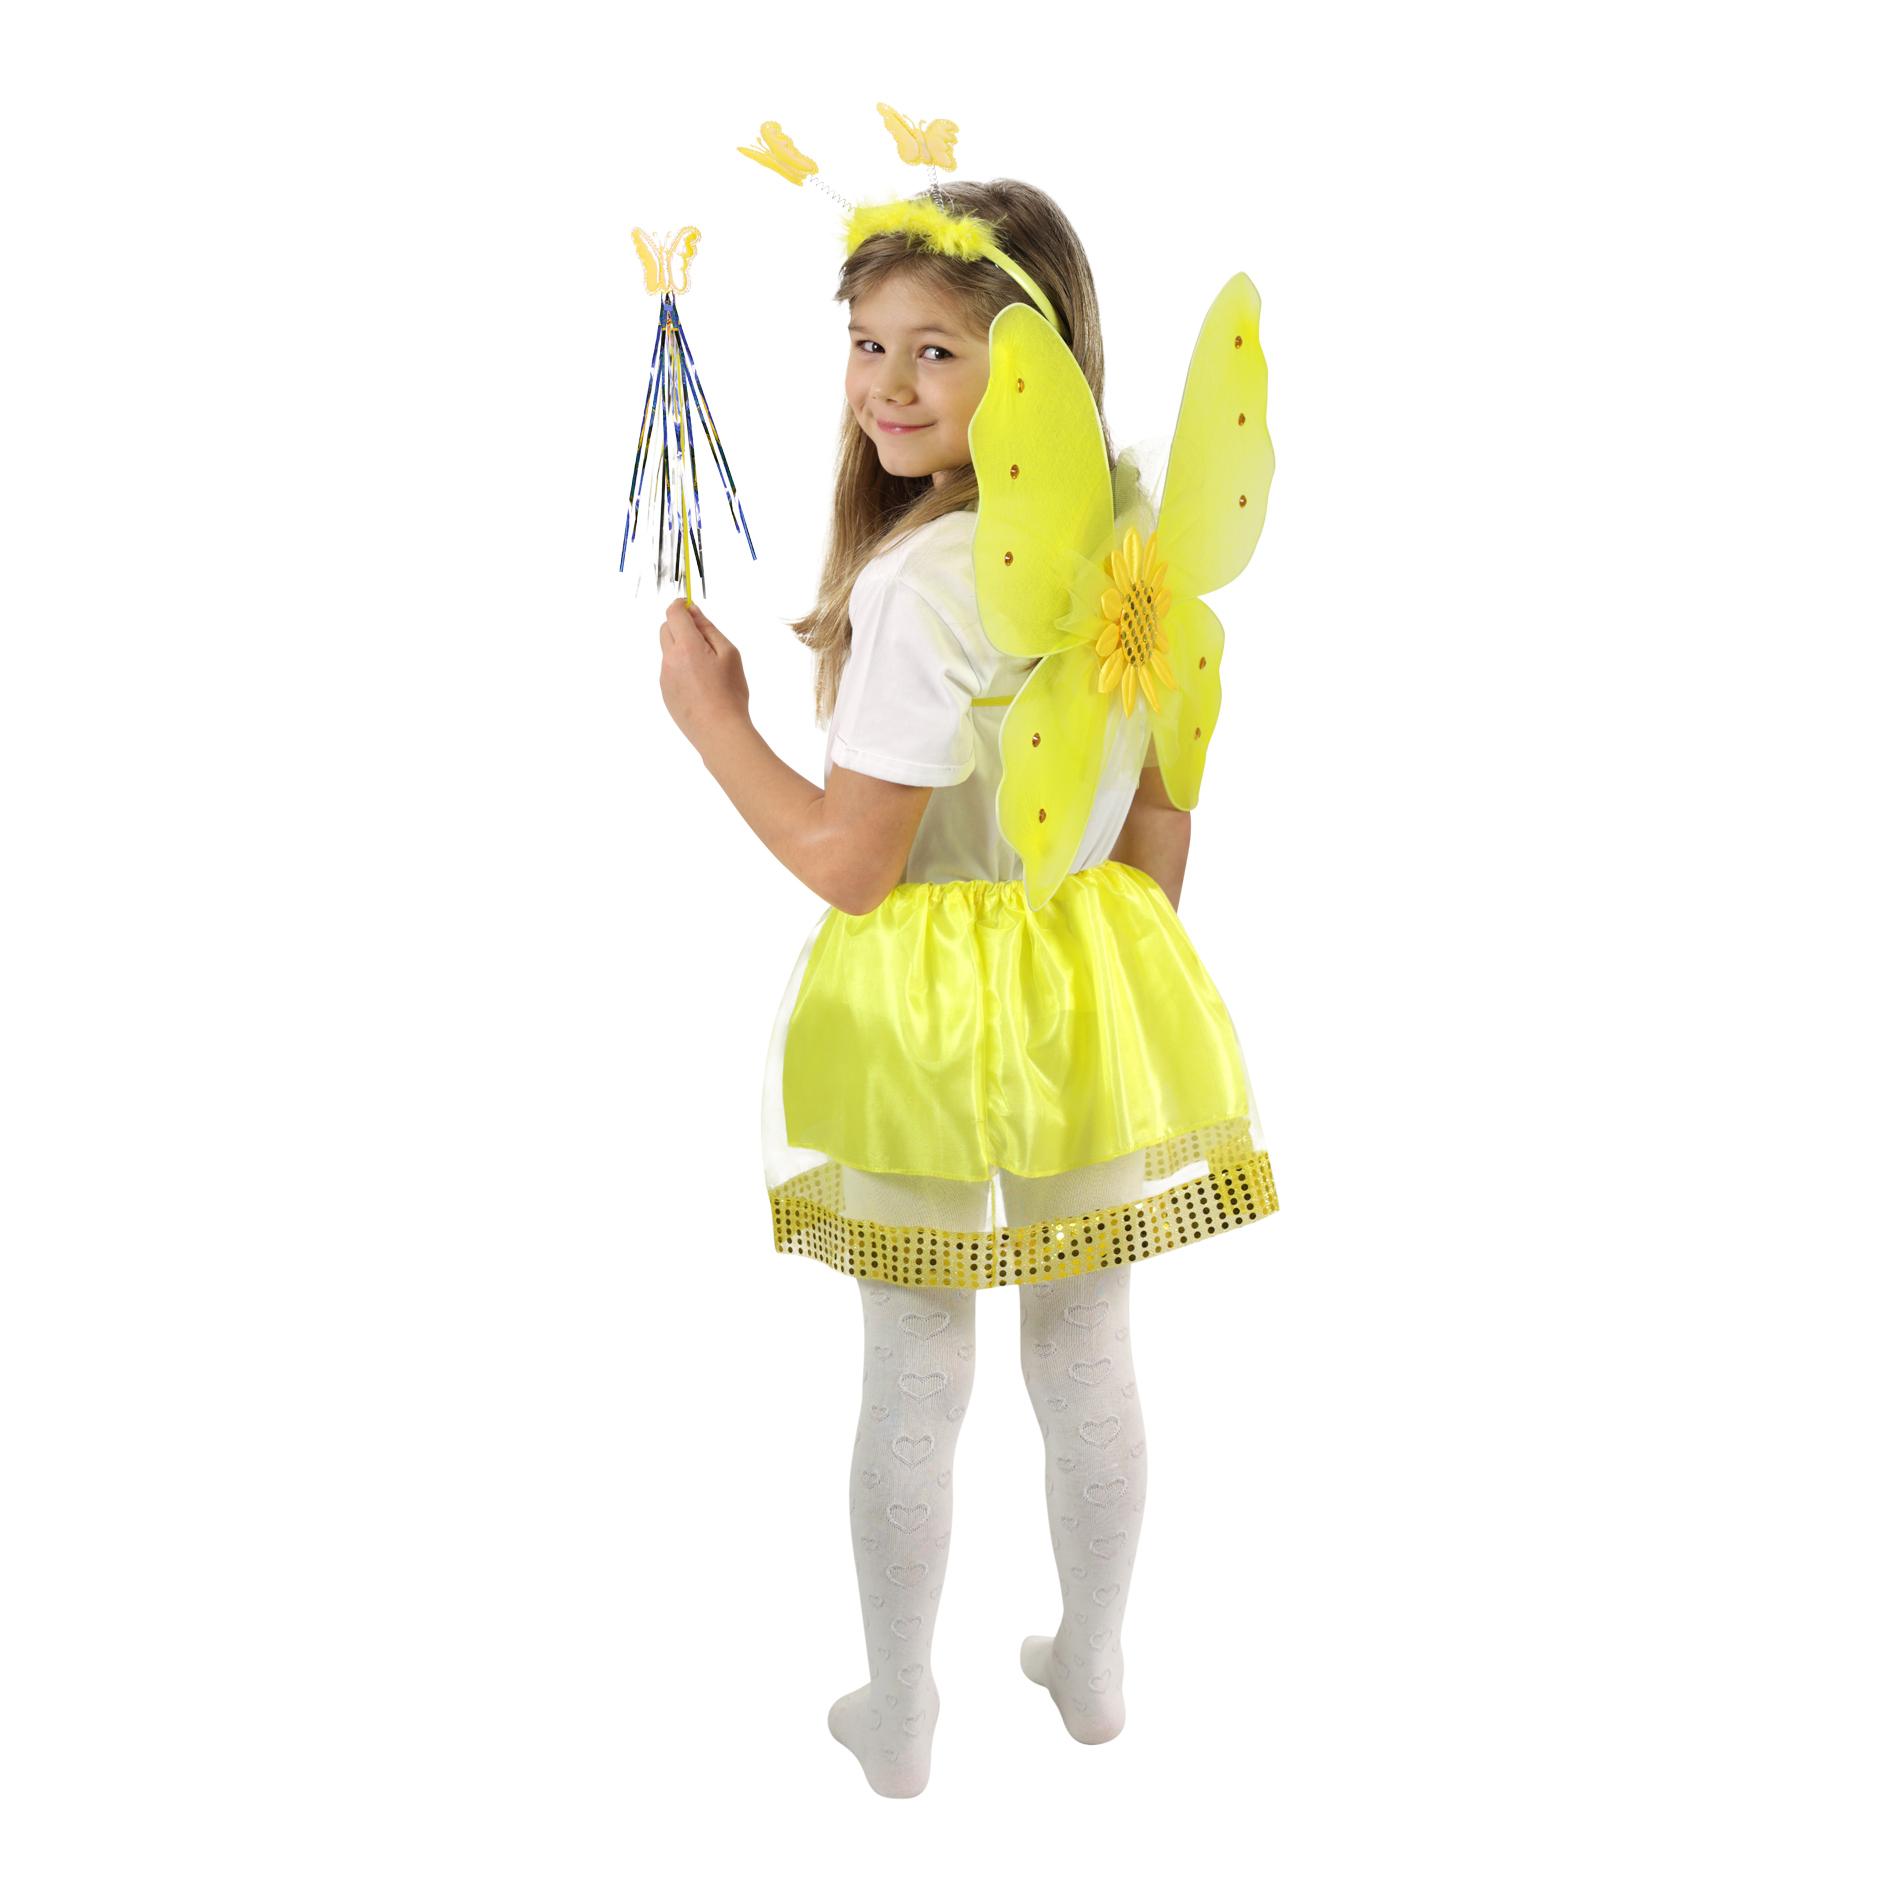 Dětský kostým Slunečnice s křídly